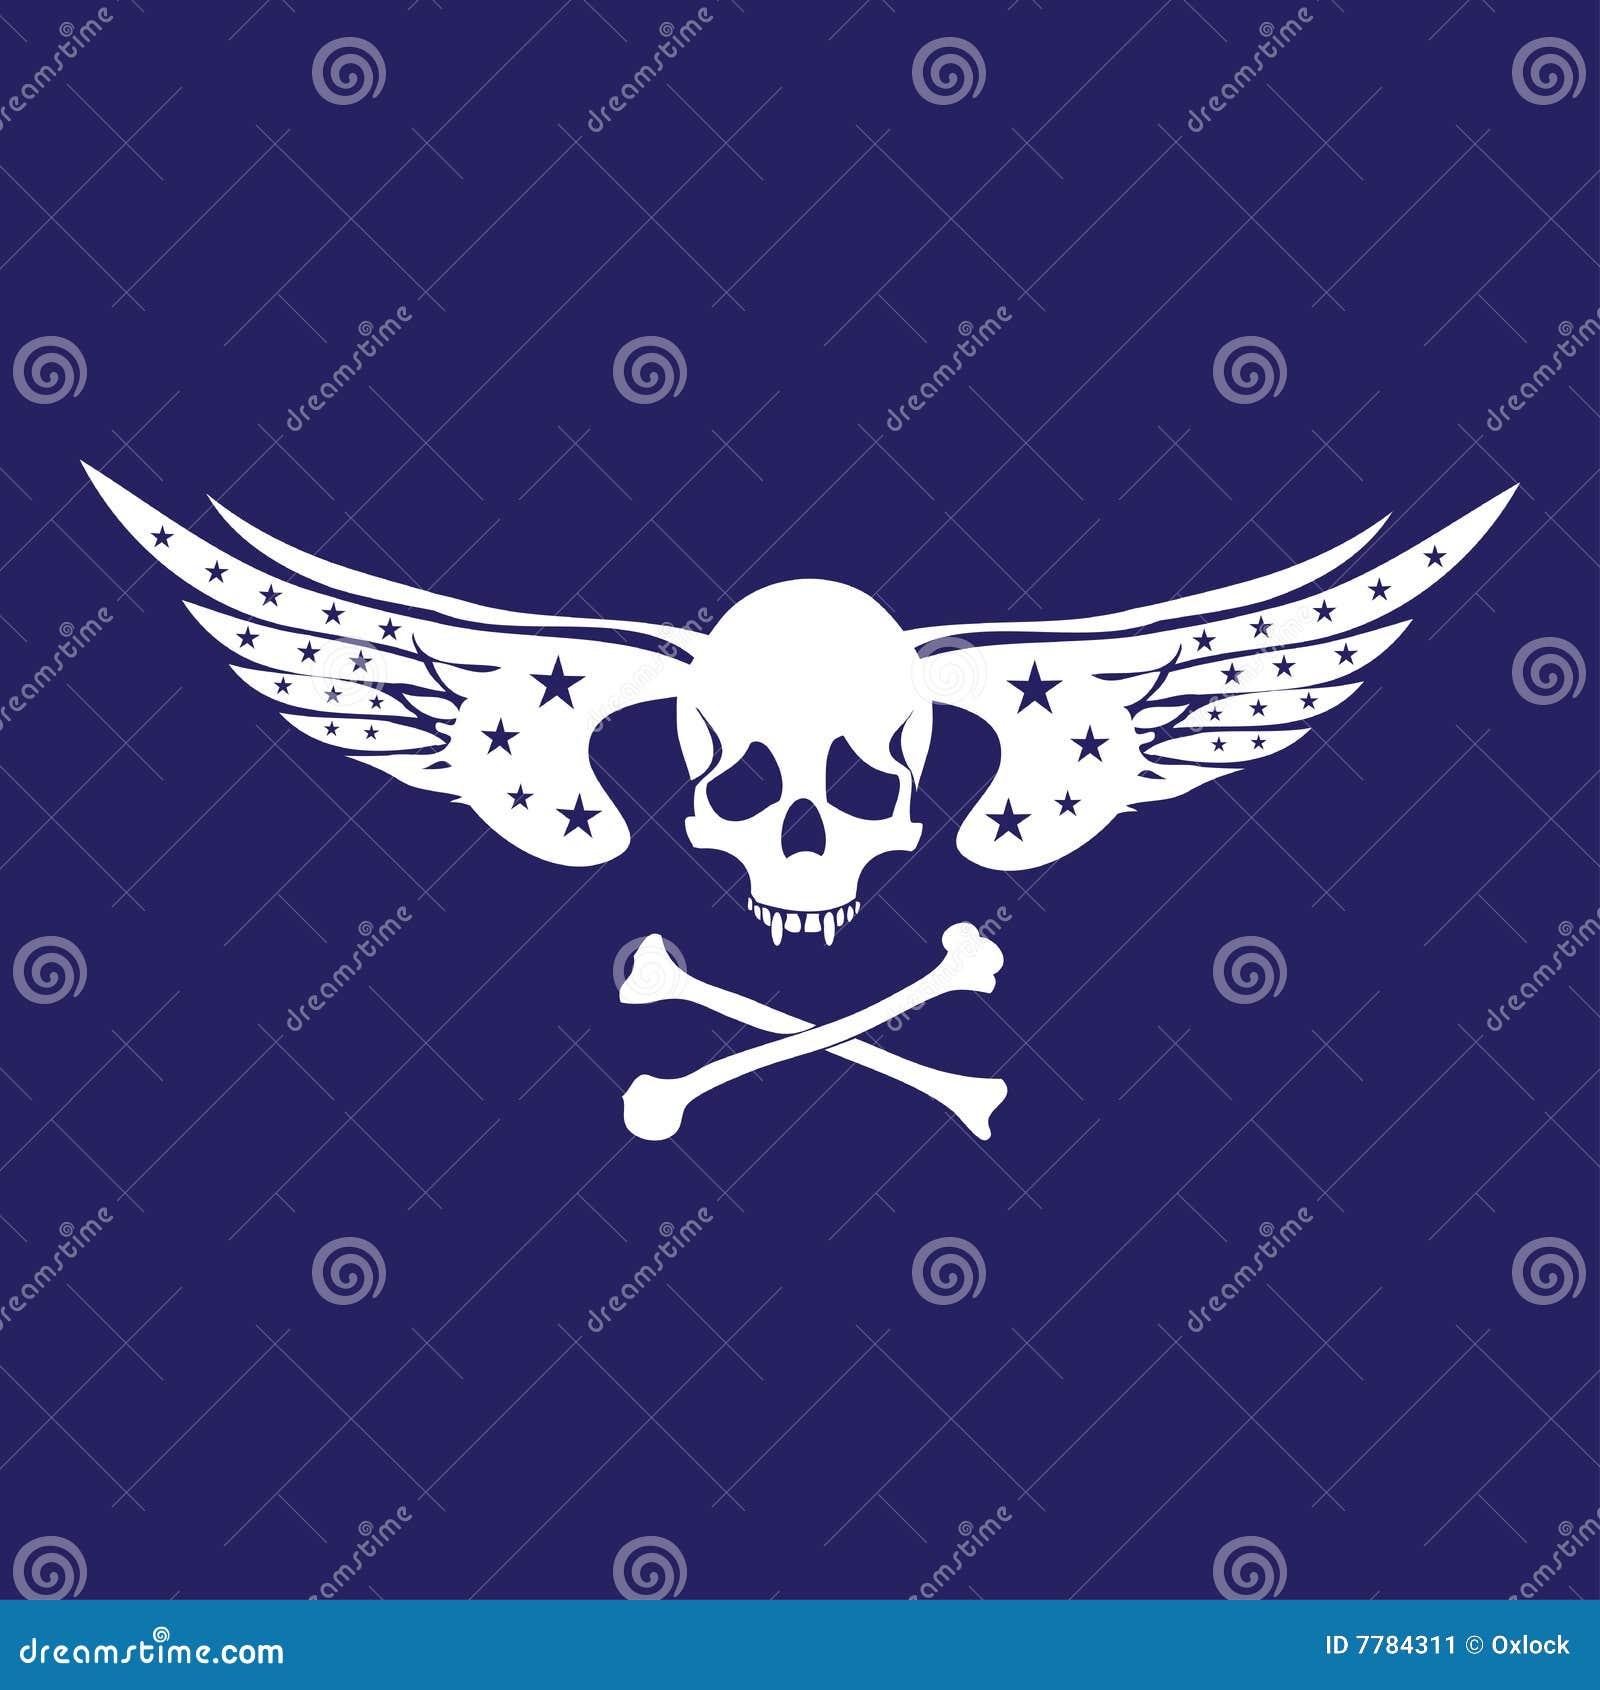 抽象背景两骨交叉图形形状头骨白色翼.